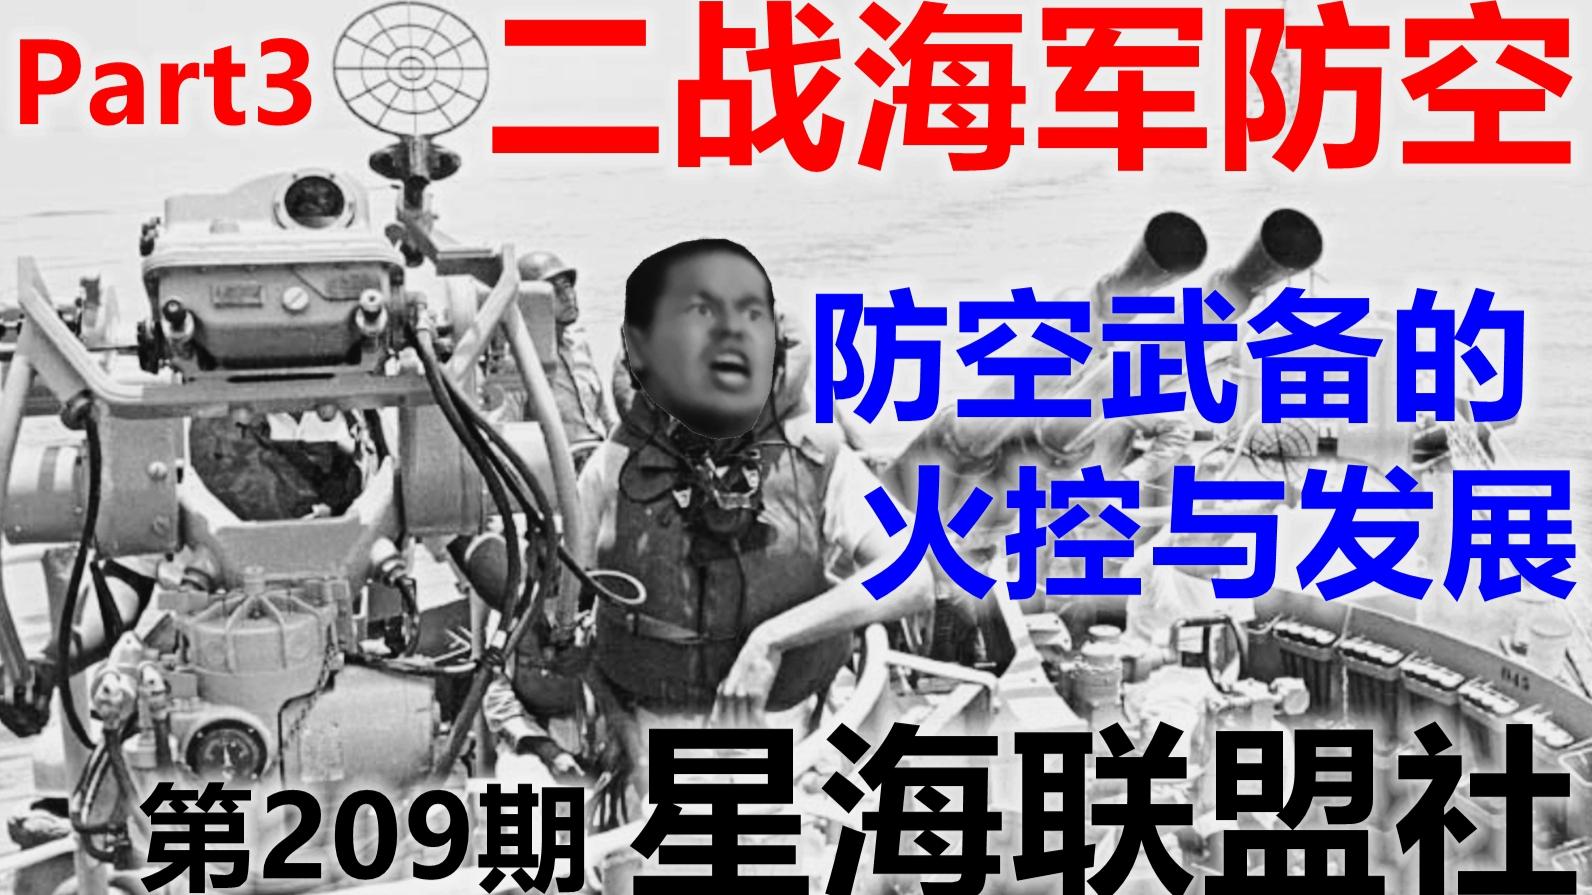 【星海社/第209期】二战海军防空03:防空武备的火控与发展